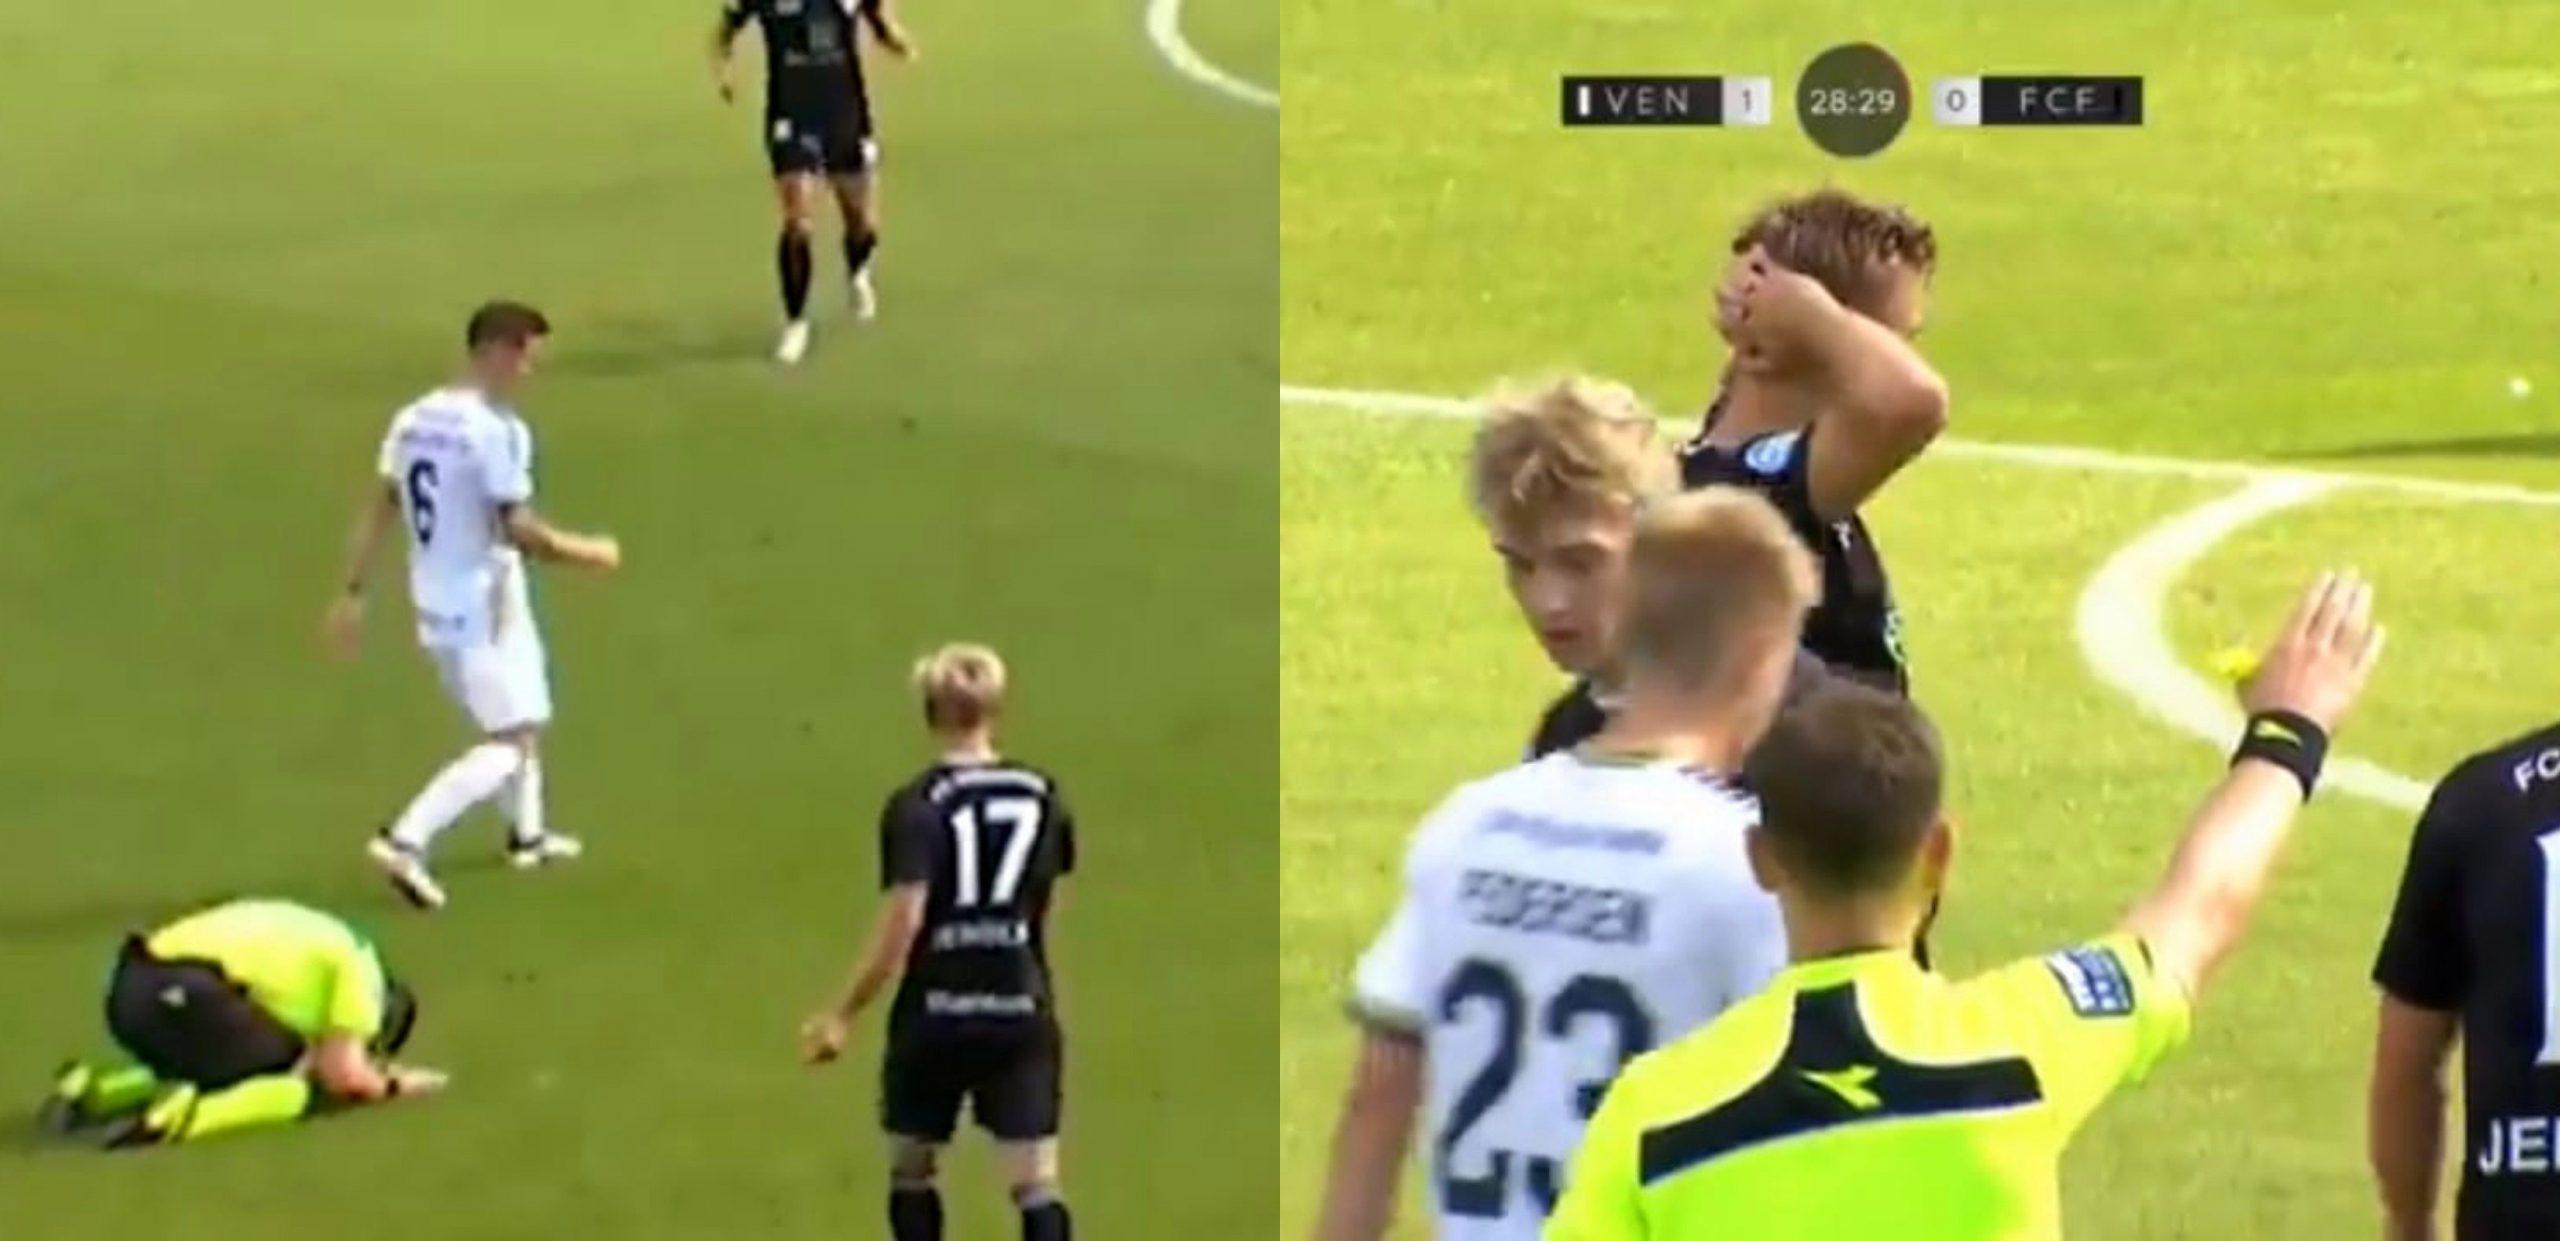 La insólita reacción de un árbitro danés para disculparse por no darle más ventaja a la ley - Prensa Libre